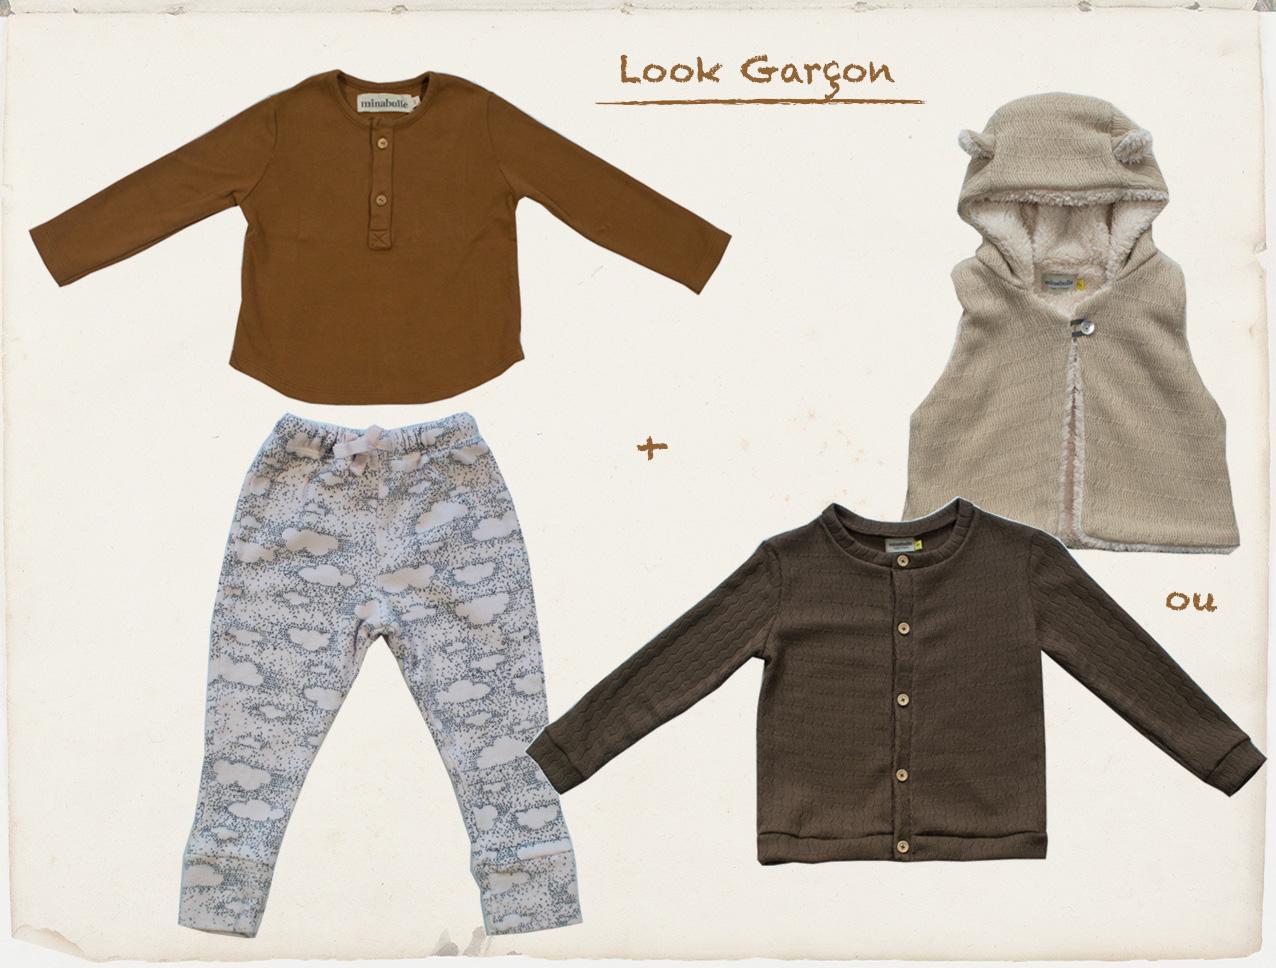 tenue garçons rentrée septembre 2018 minabulle collection Daydream vêtements enfants